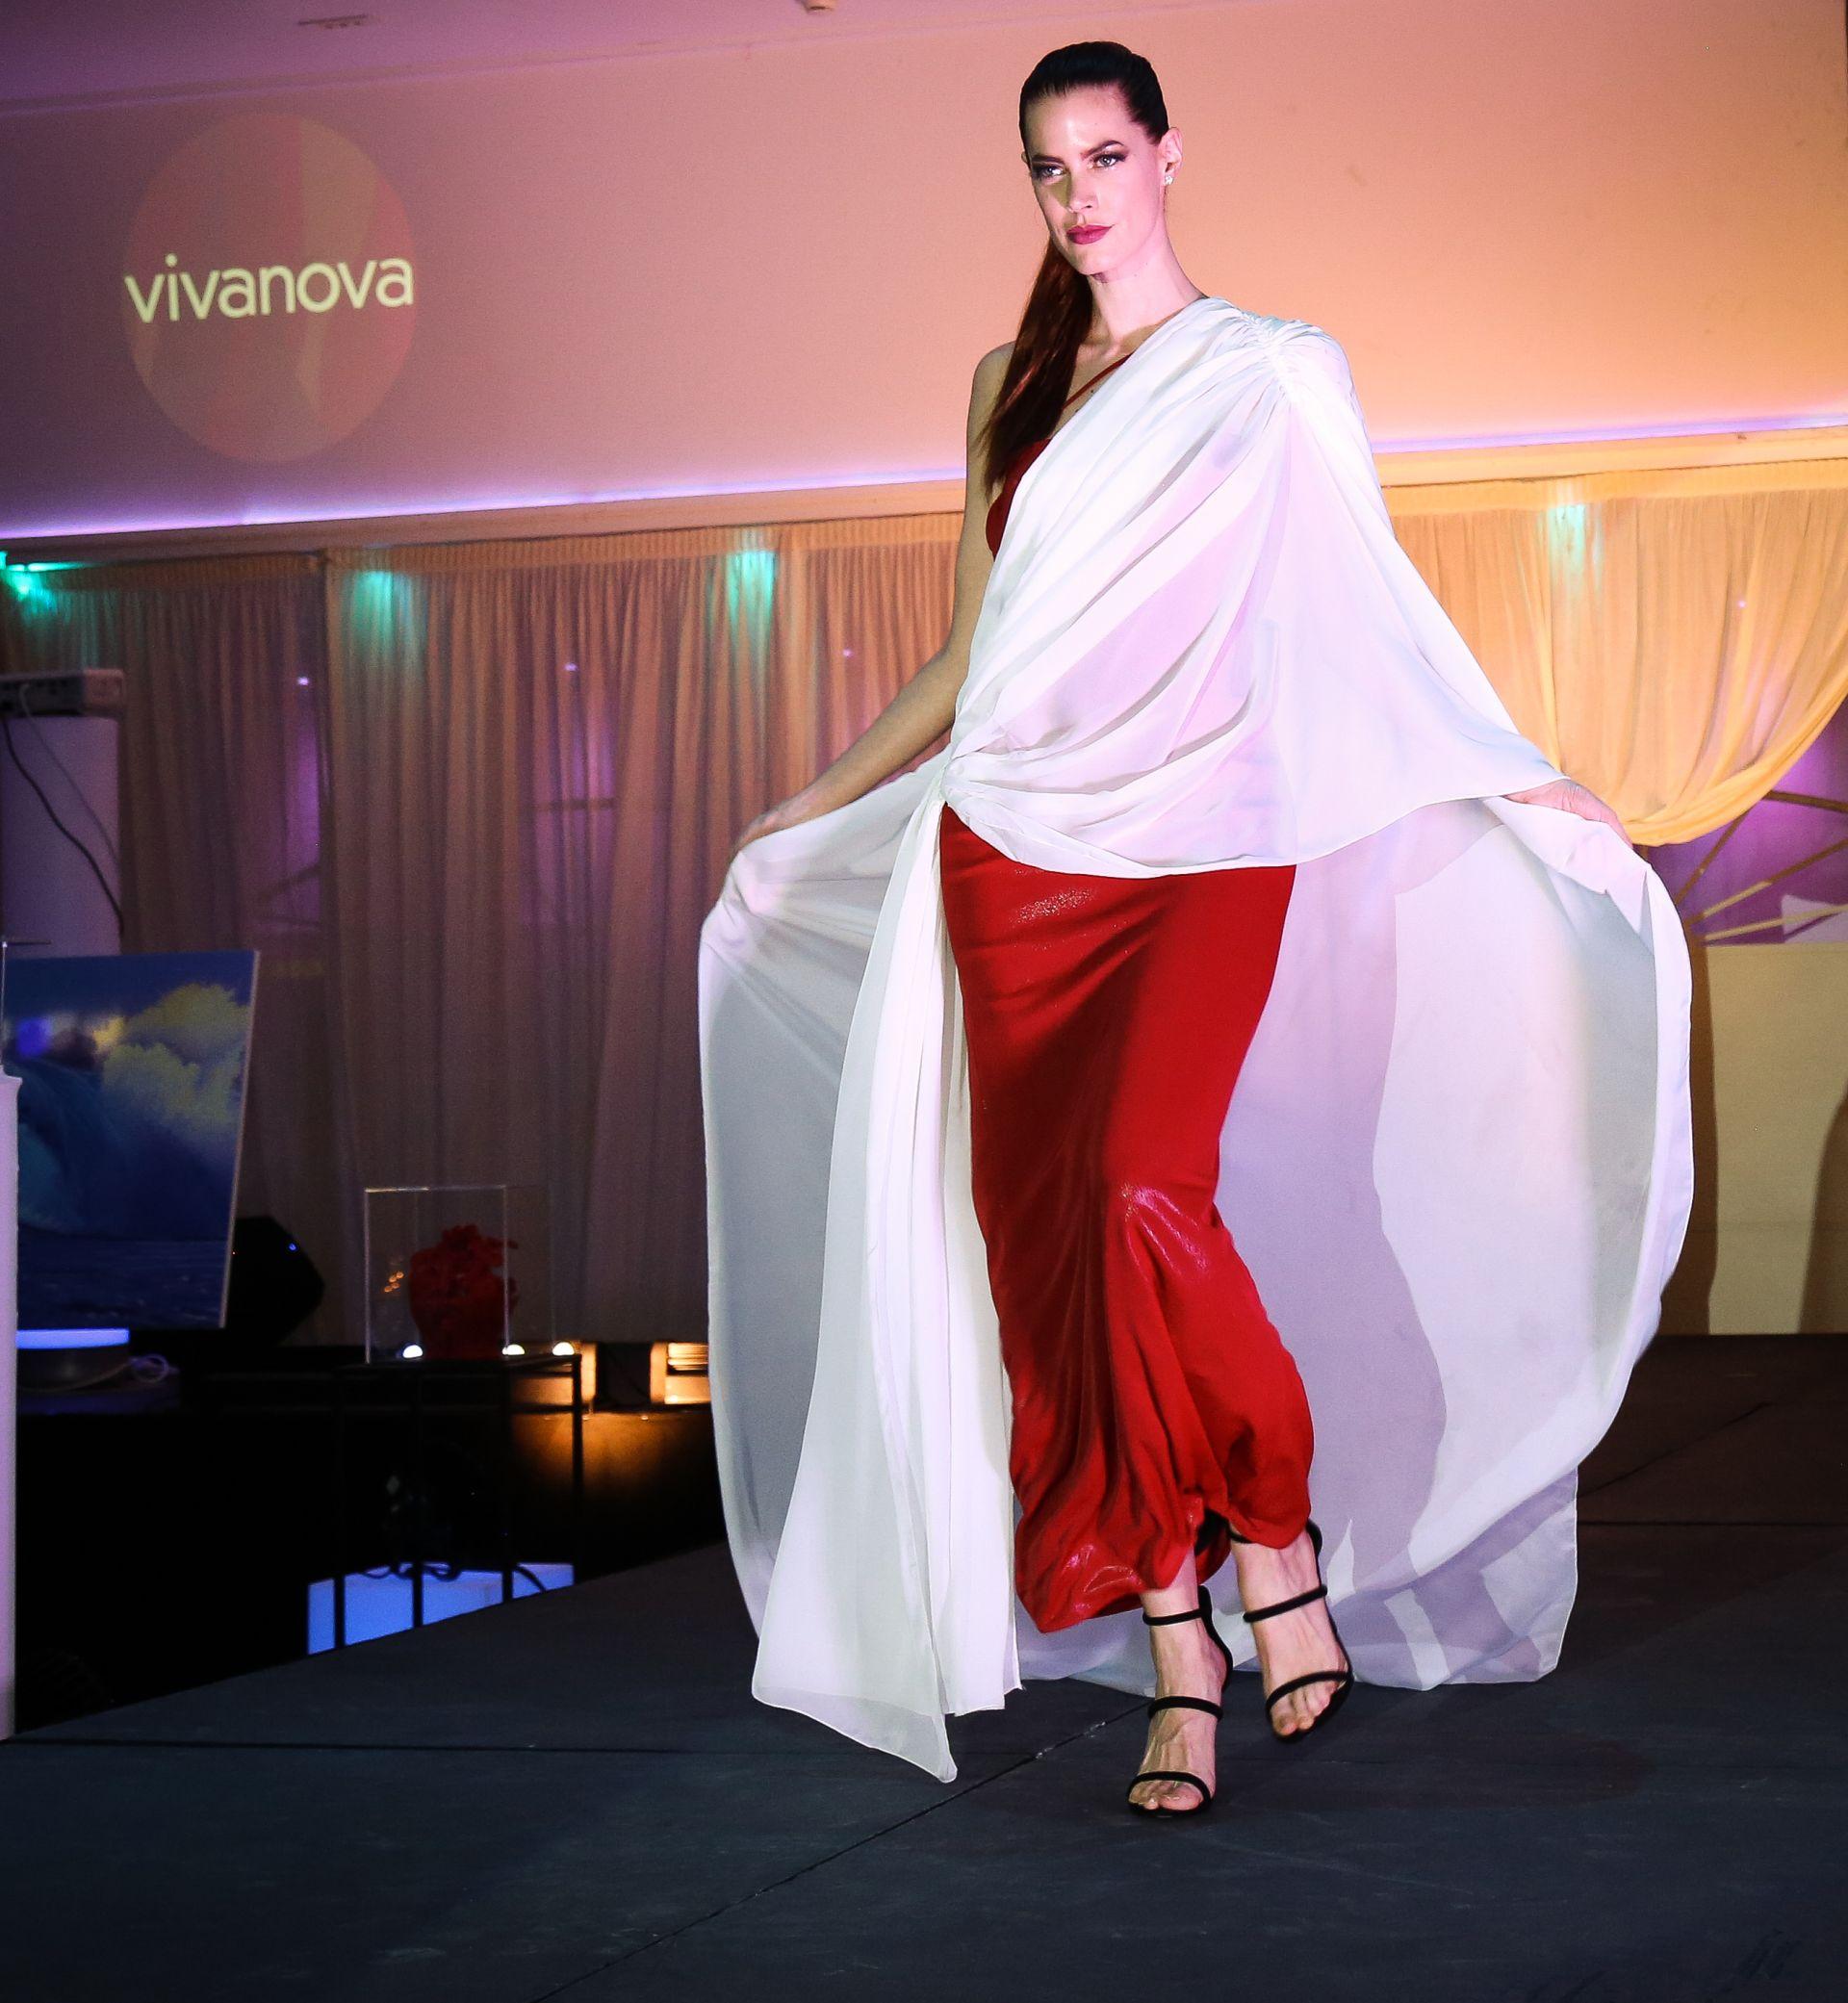 clubvianova-gala-2018_17.jpg